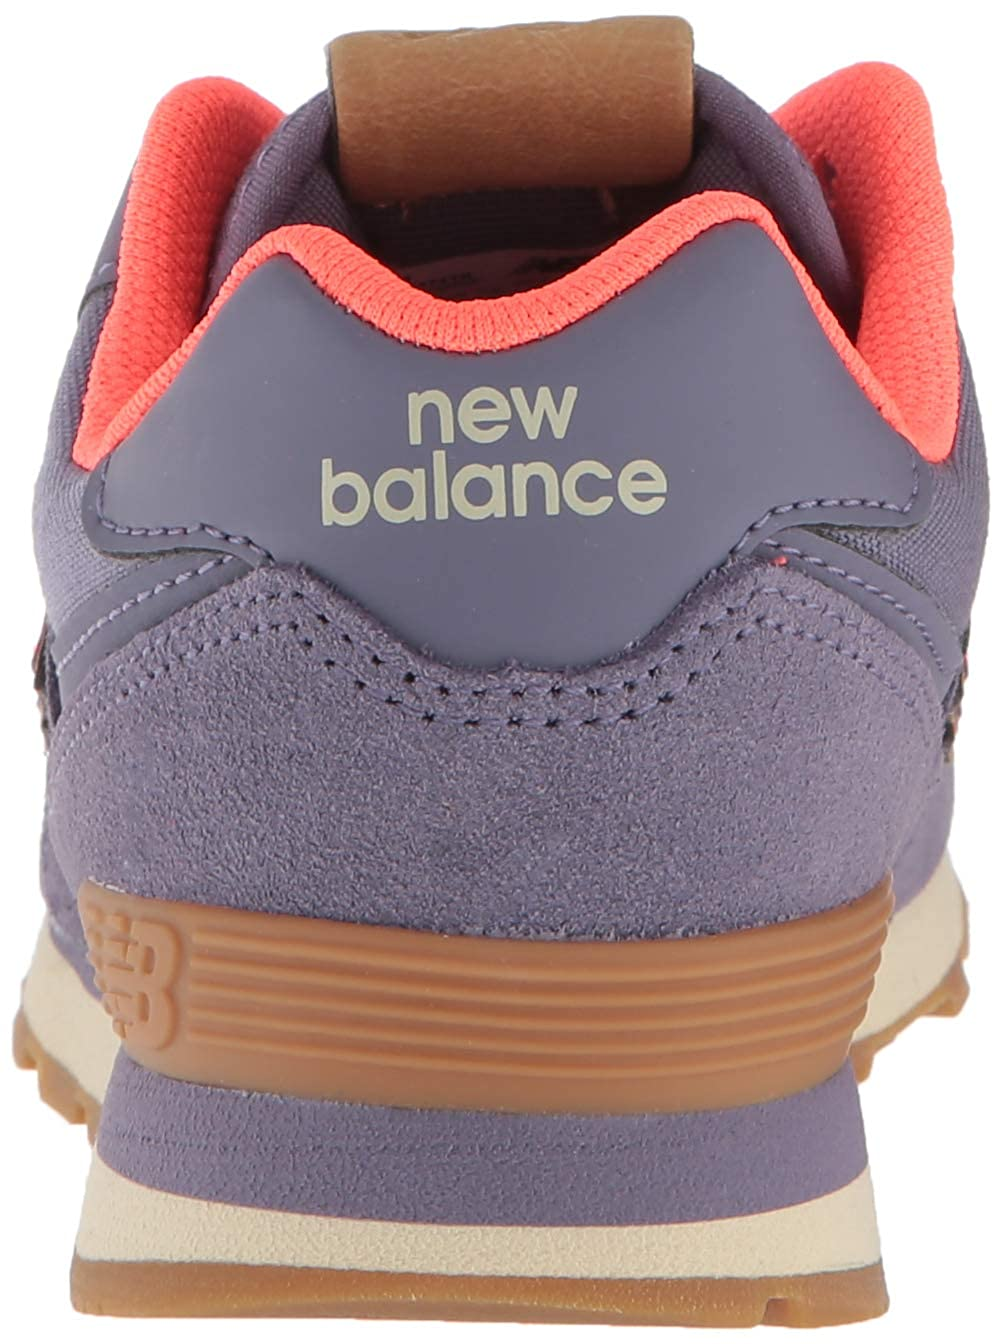 New Balance Balance Balance Unisex-Kinder 574v2 Turnschuhe  fe8dbf